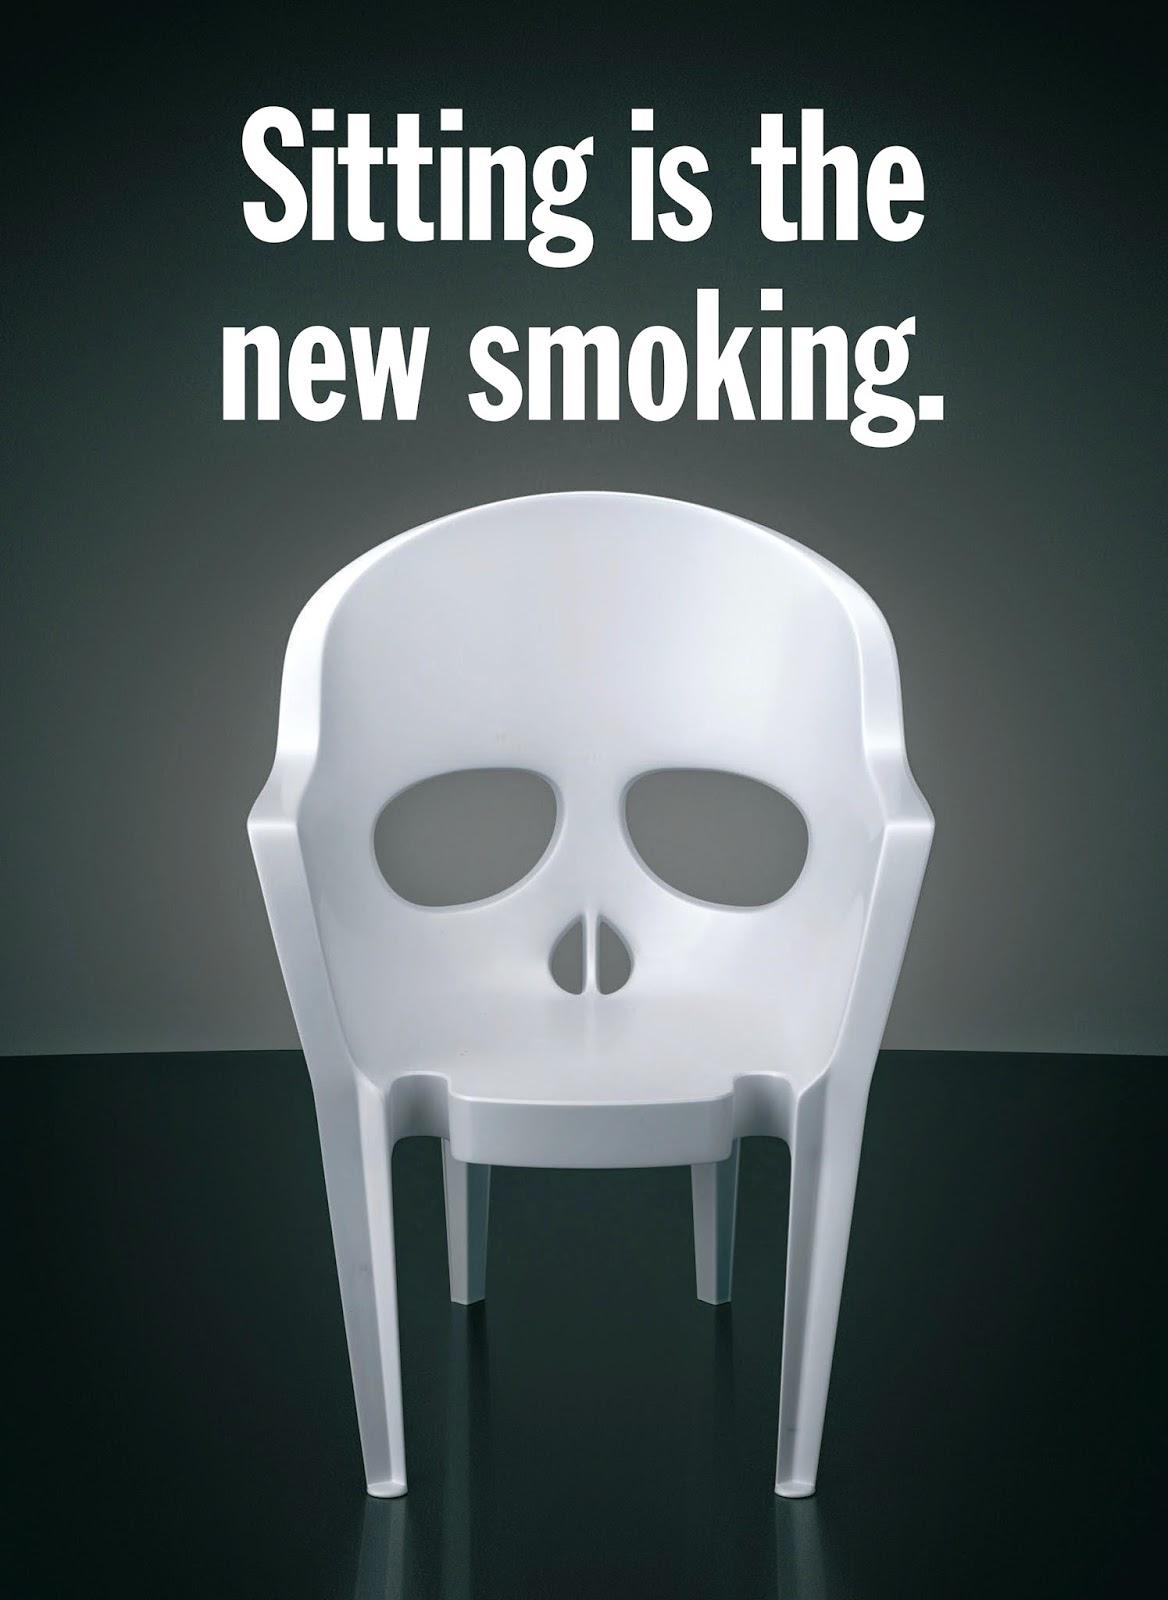 นั่งมากเกินไป ก็อันตรายพอๆ กับสูบบุหรี่